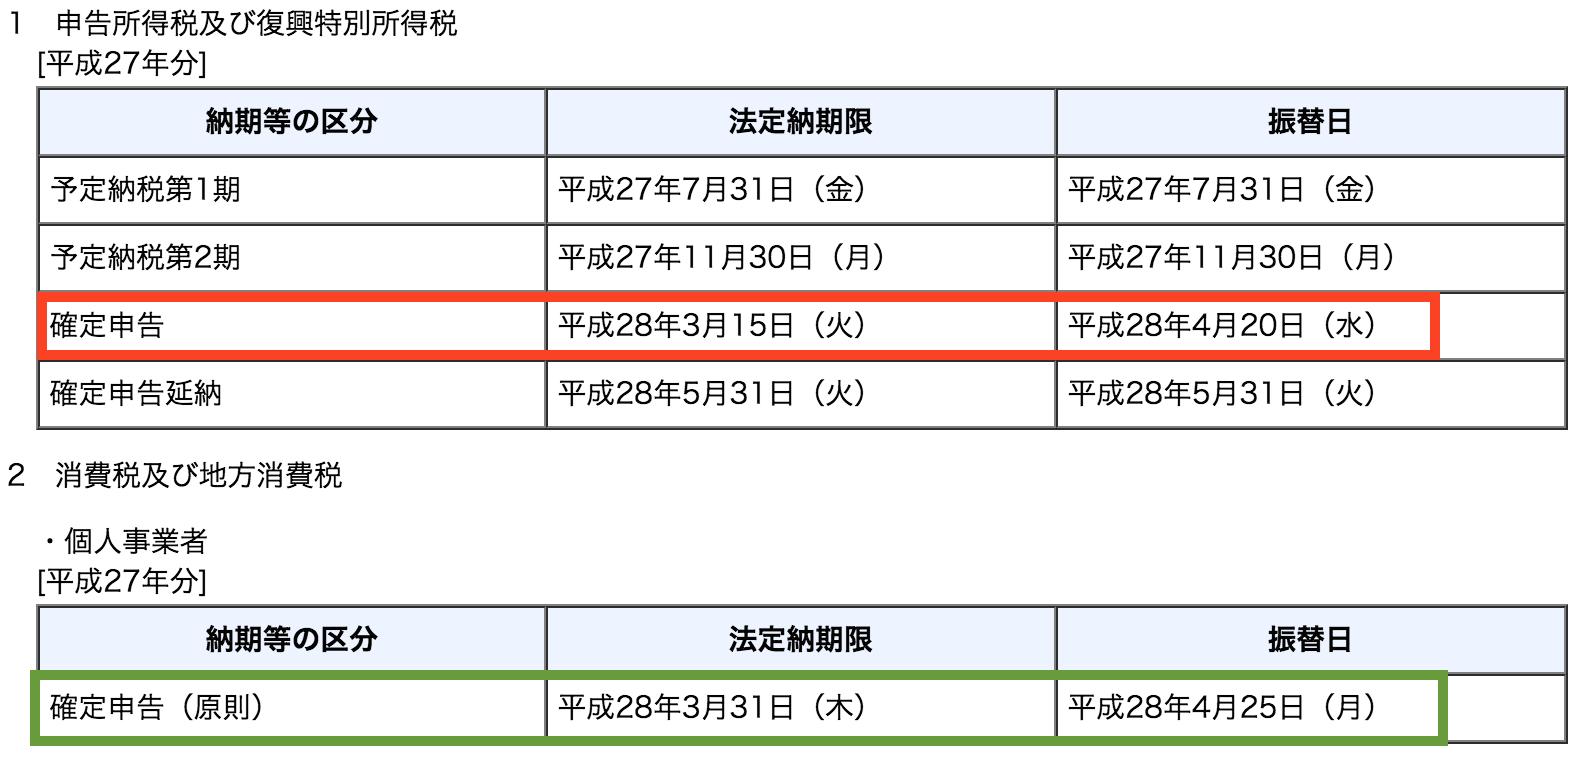 h27_振替納税の納付日の画像